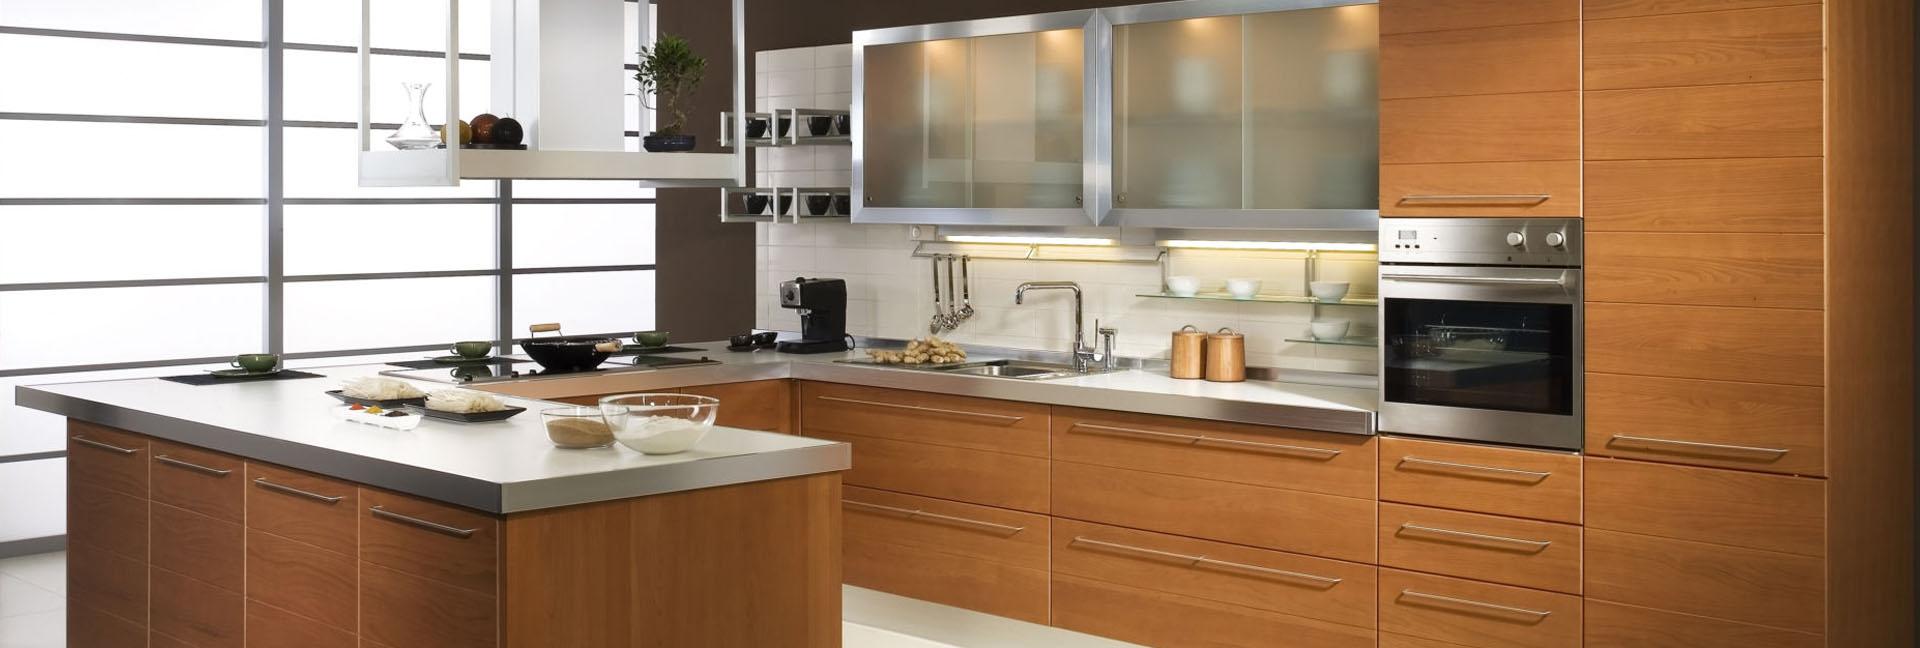 650 459 3232 Find Best Appliance Repair Services In San